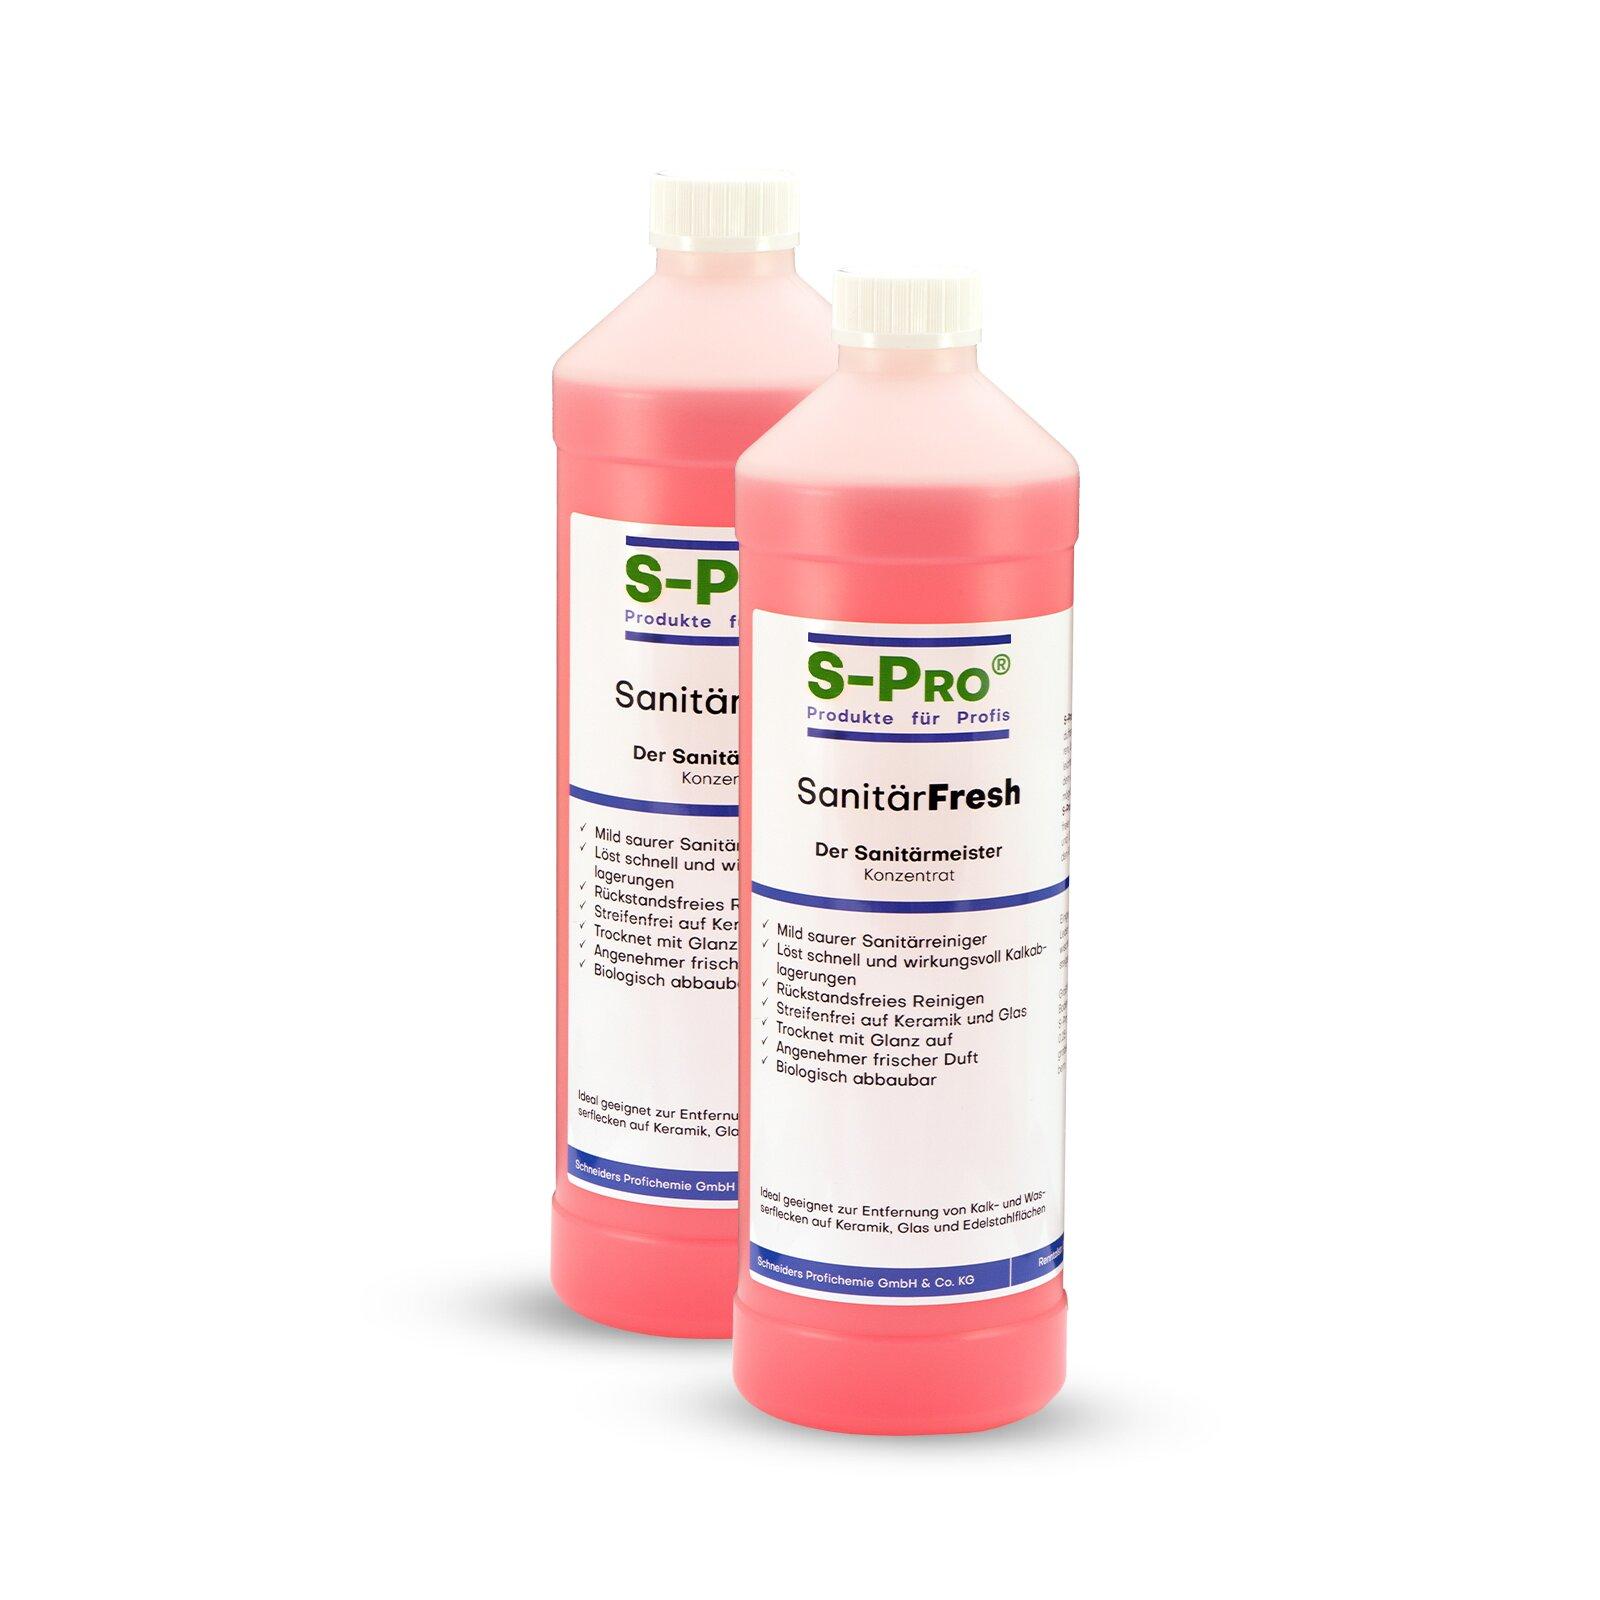 SPro SanitärFresh 2x1Liter Set